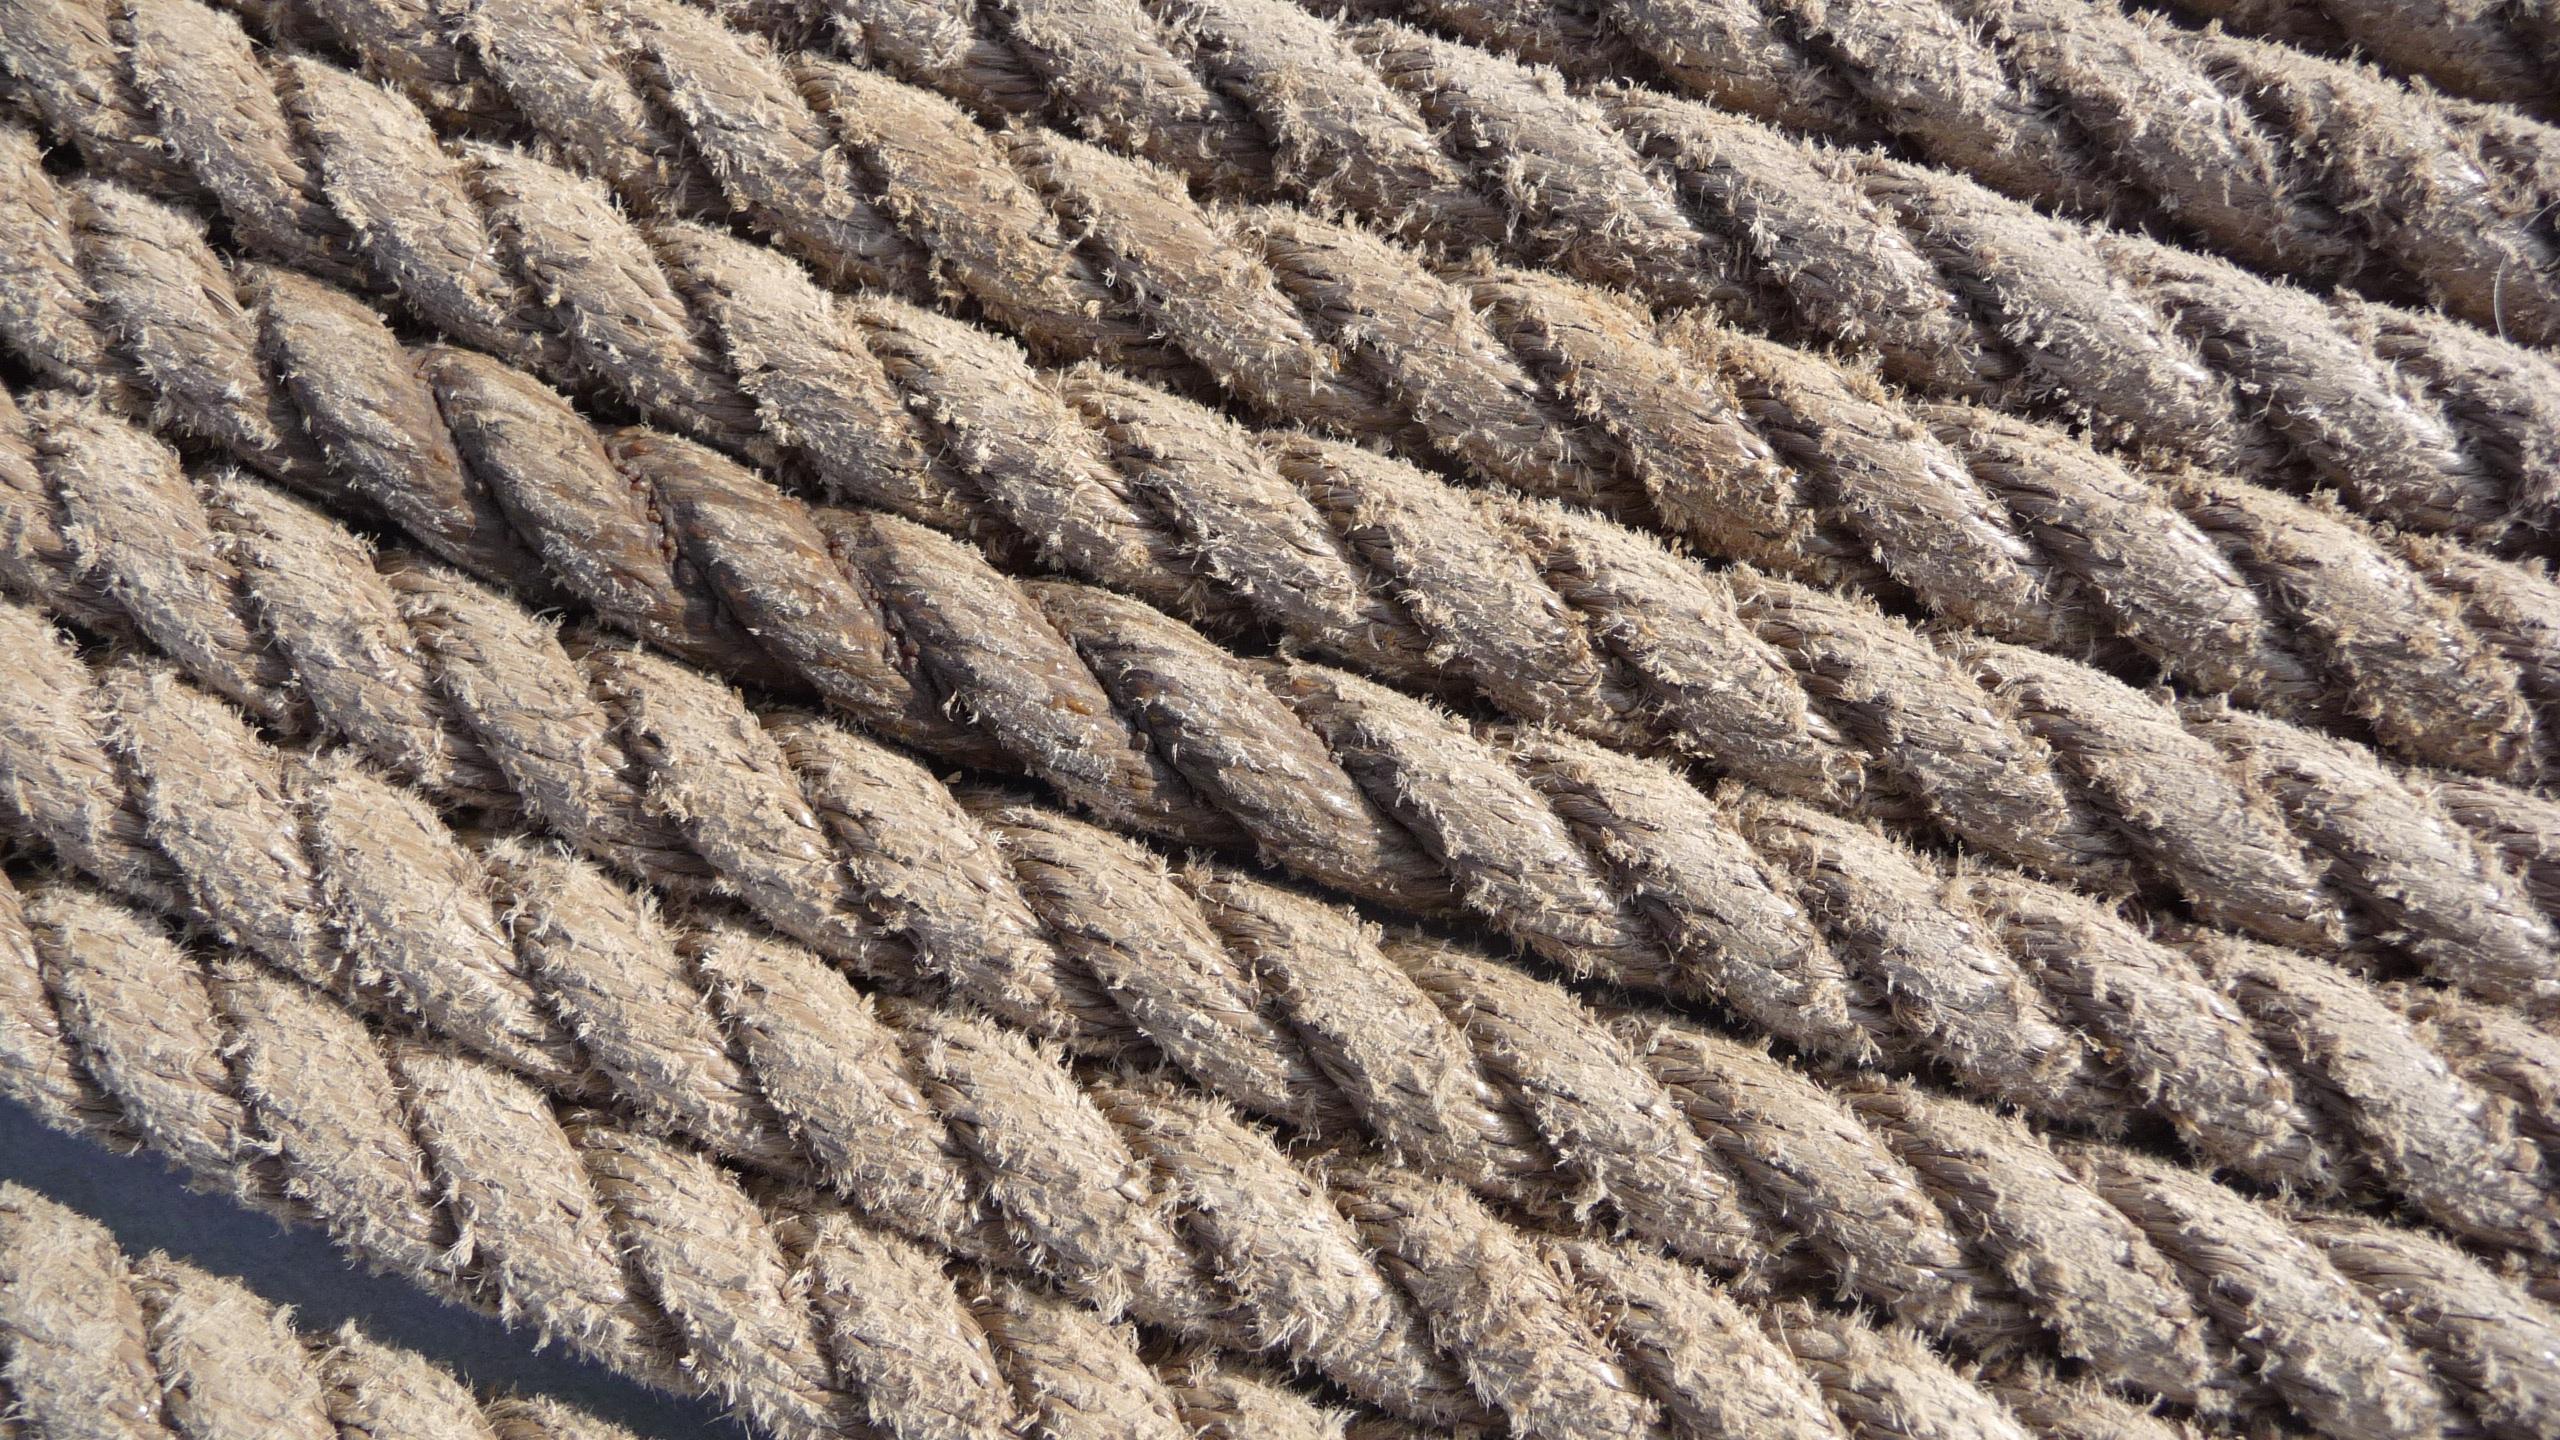 Immagini Belle : corda, avvio, linea, porta, Materiale, filo, netto ...